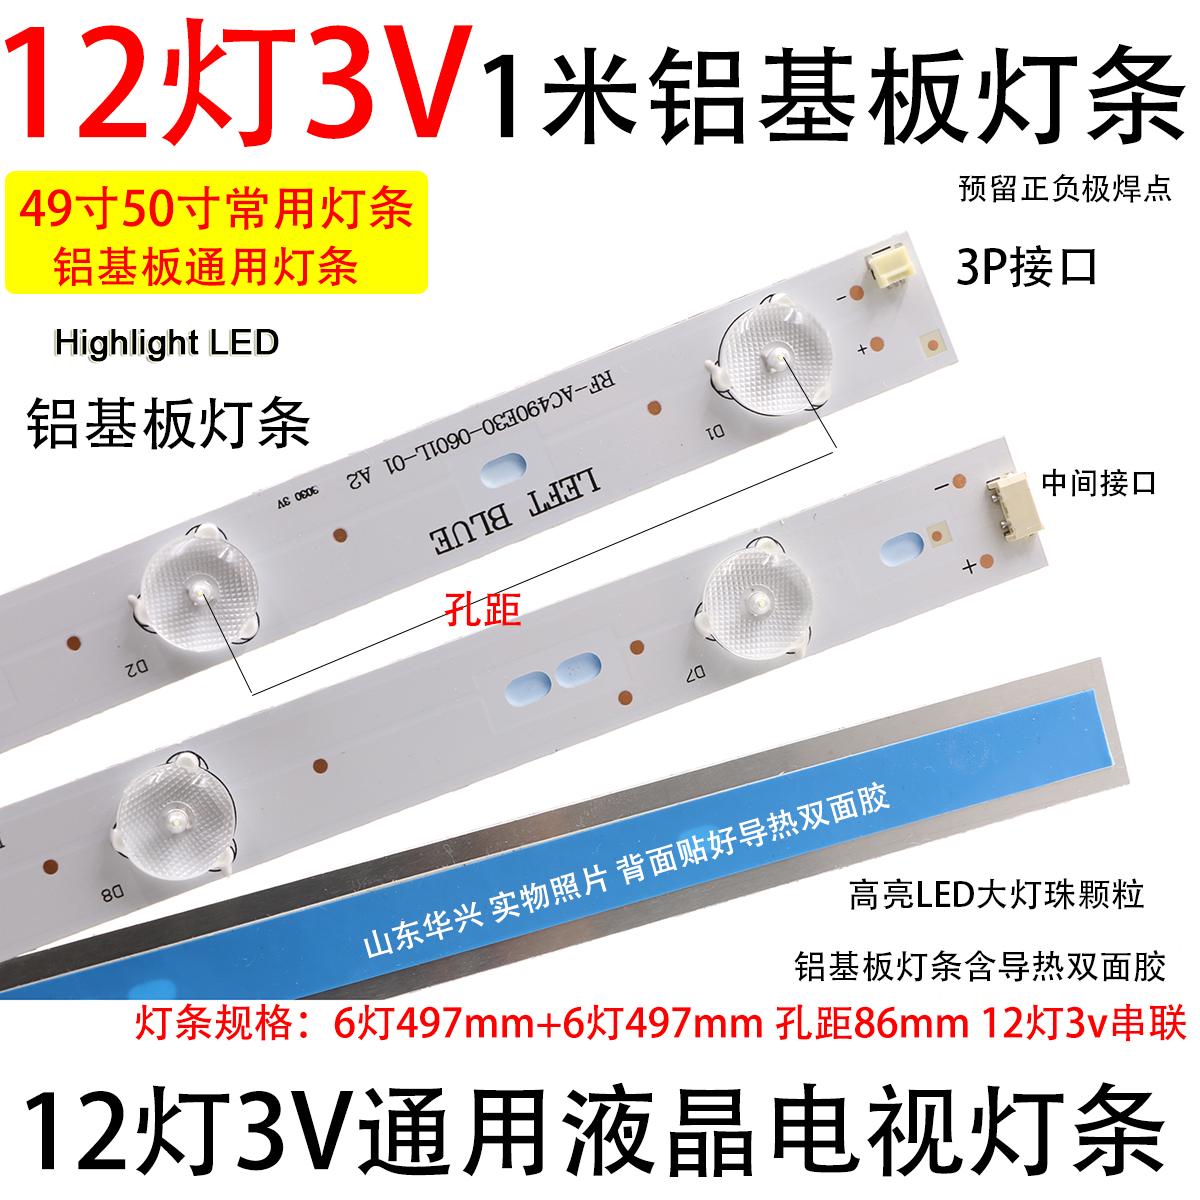 49寸50寸电视铝基板通用LED灯条12灯珠大透镜6灯+6灯对接背光灯条